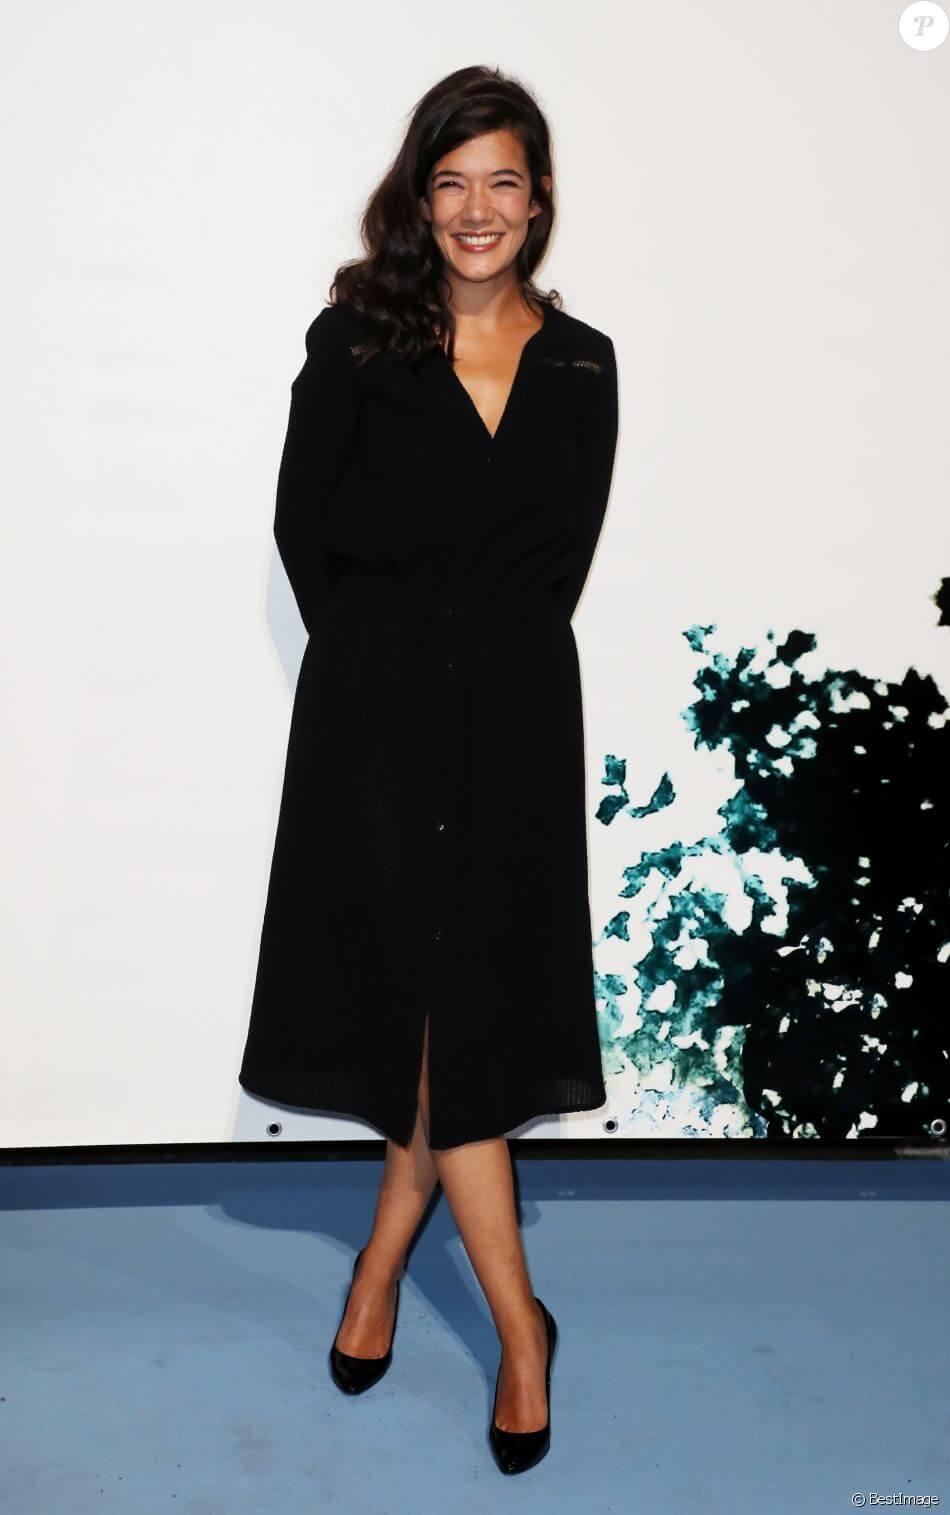 The Hottest Photos Of Mélanie Doutey 12thblog